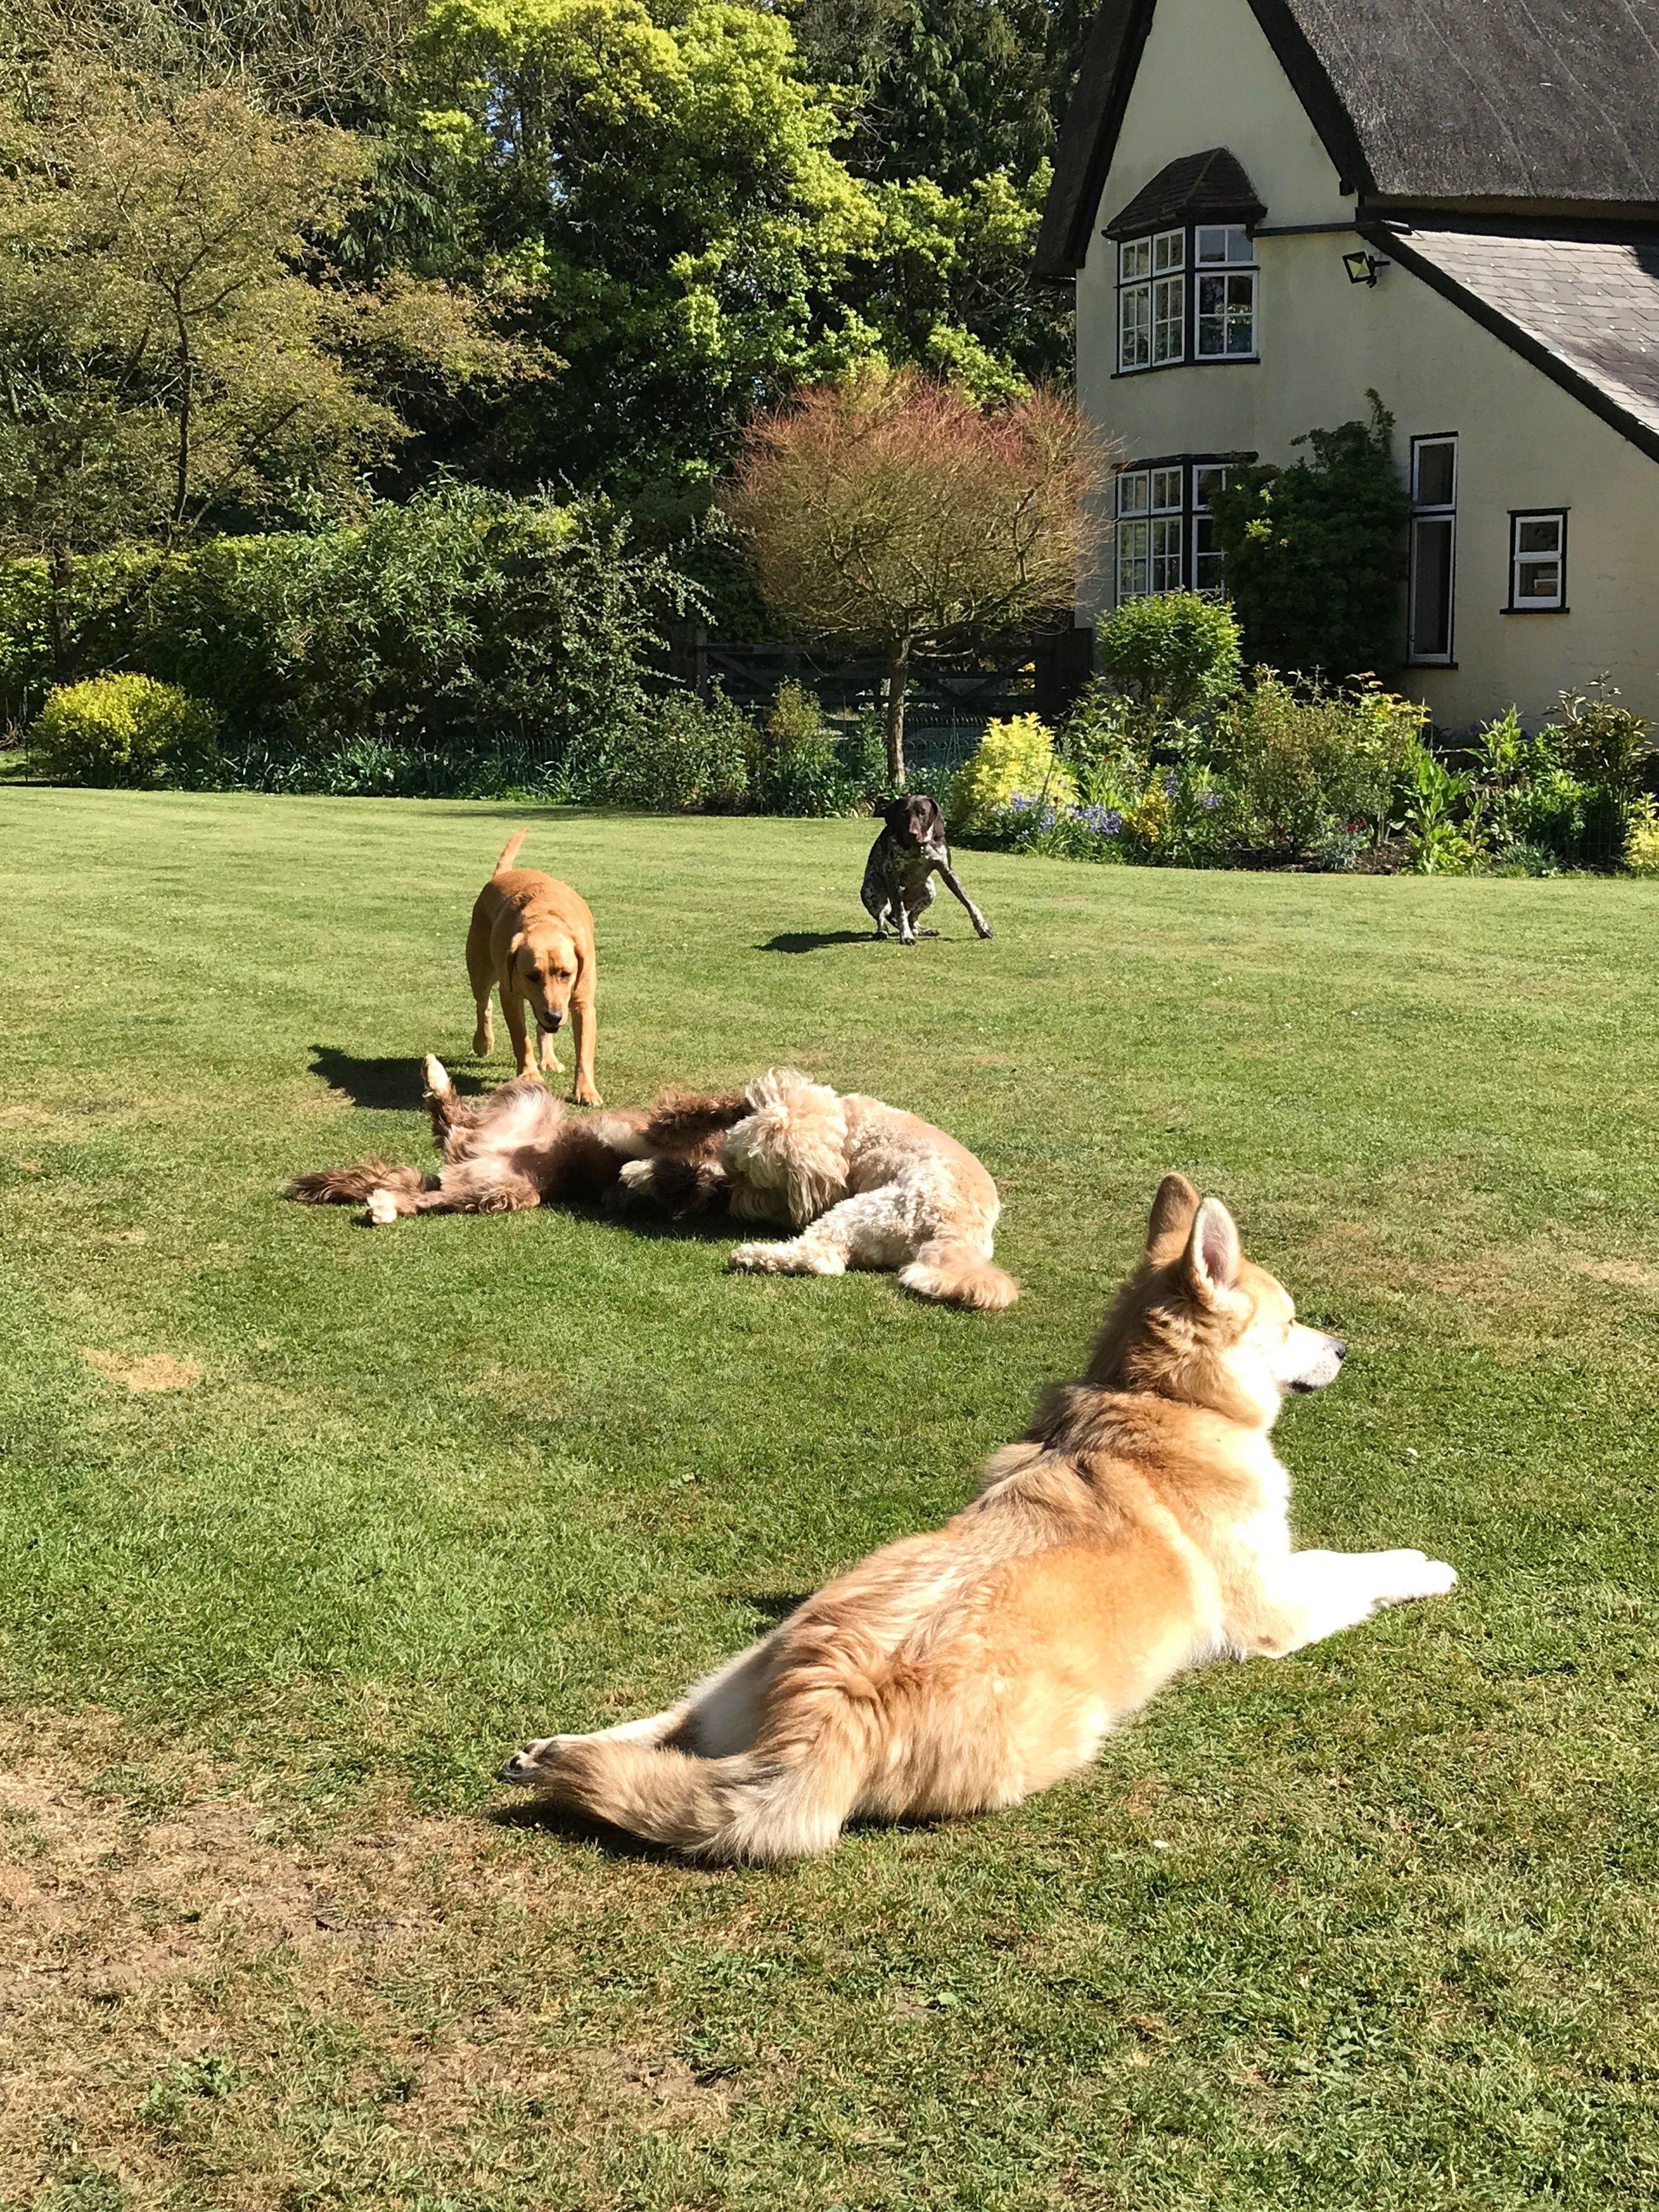 Lazing around in the garden